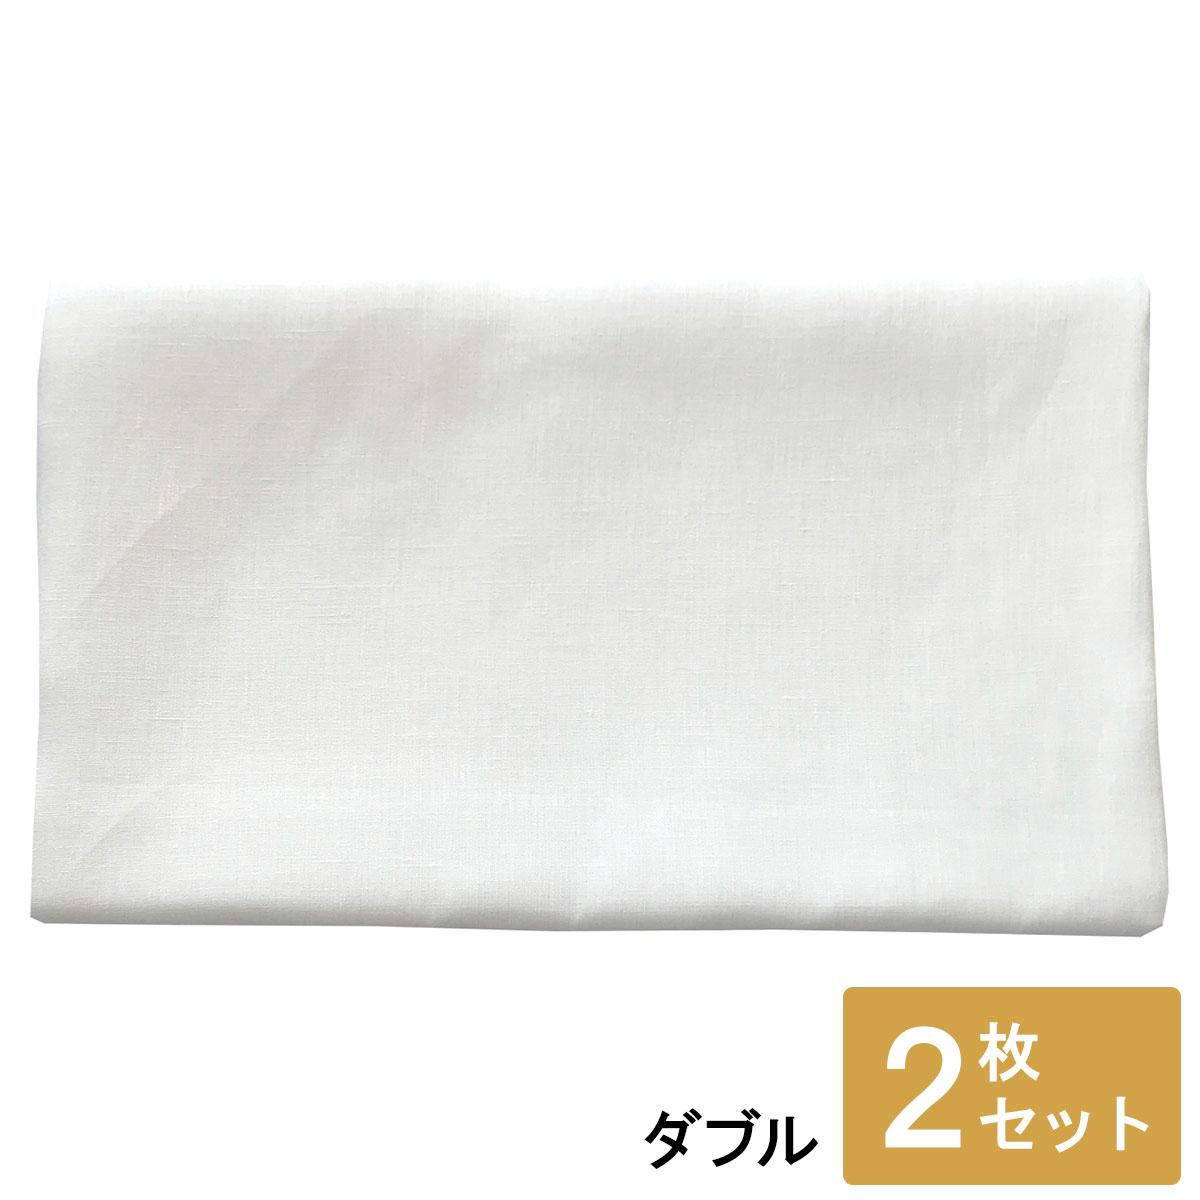 お得なリネンフラットシーツダブル2枚セット ホワイト 220x270cm【吸水・速乾・抗菌・耐久性が高い天然素材リネン(麻)100%】